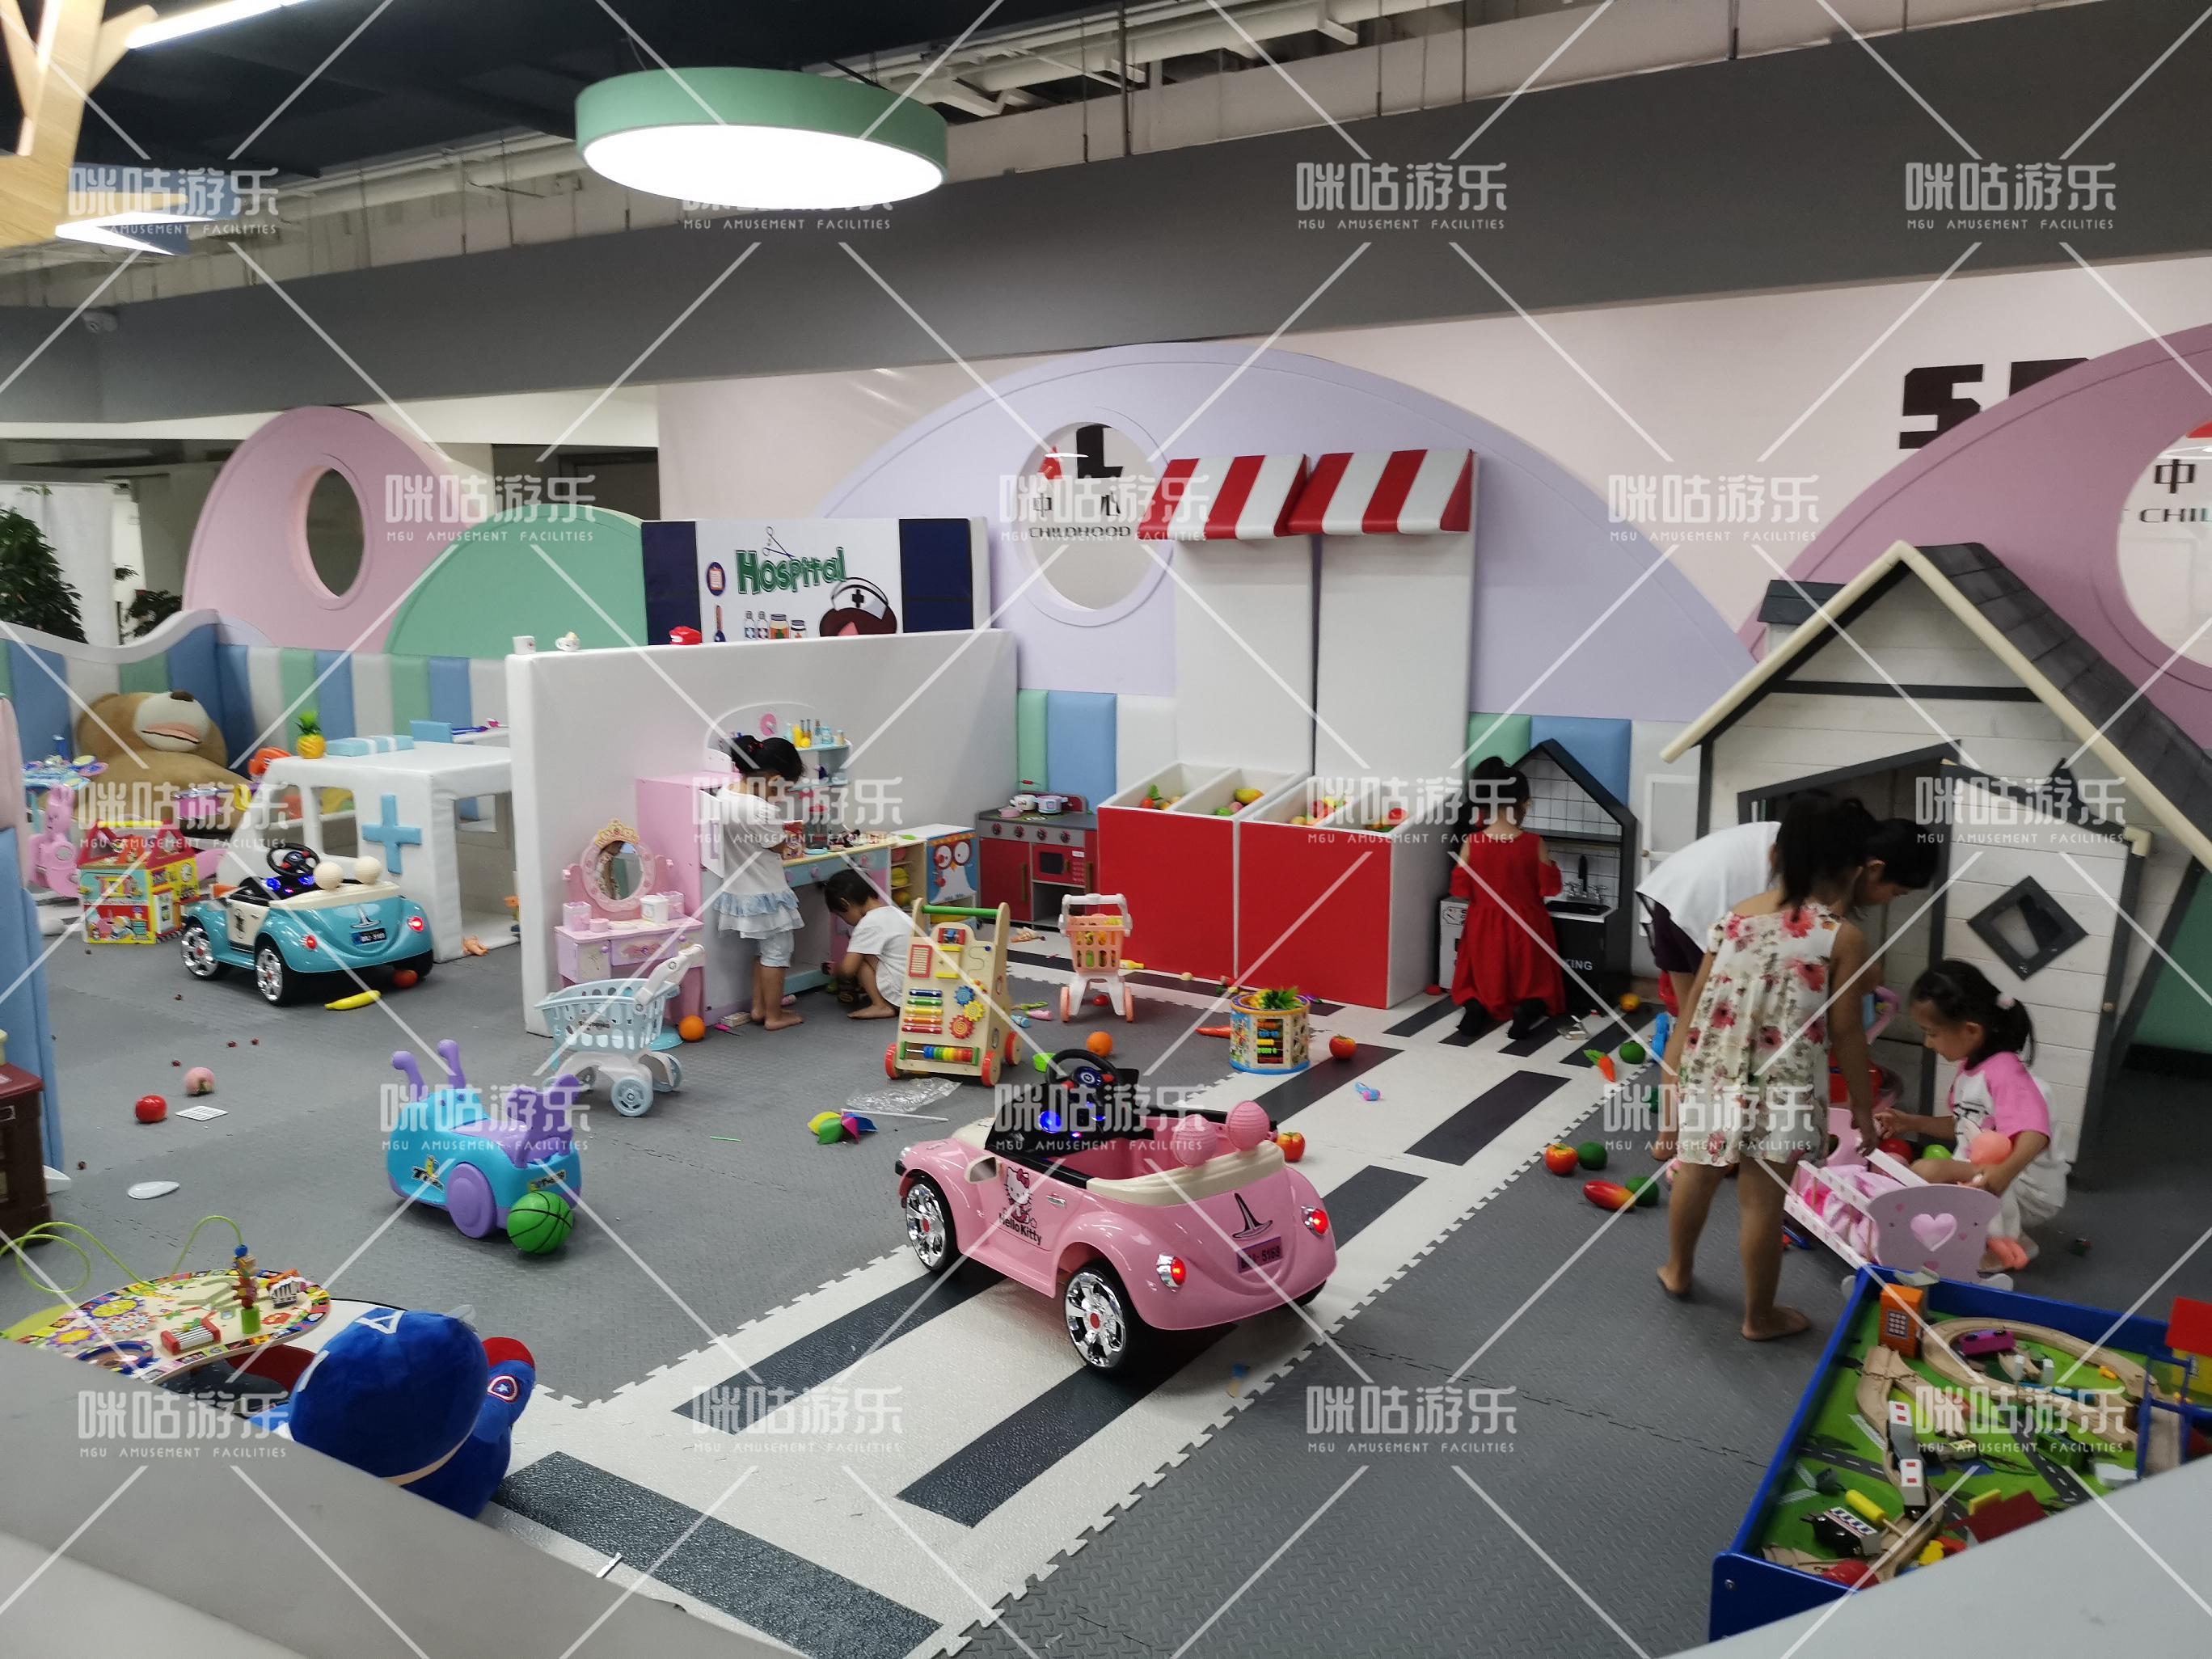 微信图片_20200429155910.jpg 晋城儿童乐园如何吸引顾客? 加盟资讯 游乐设备第2张